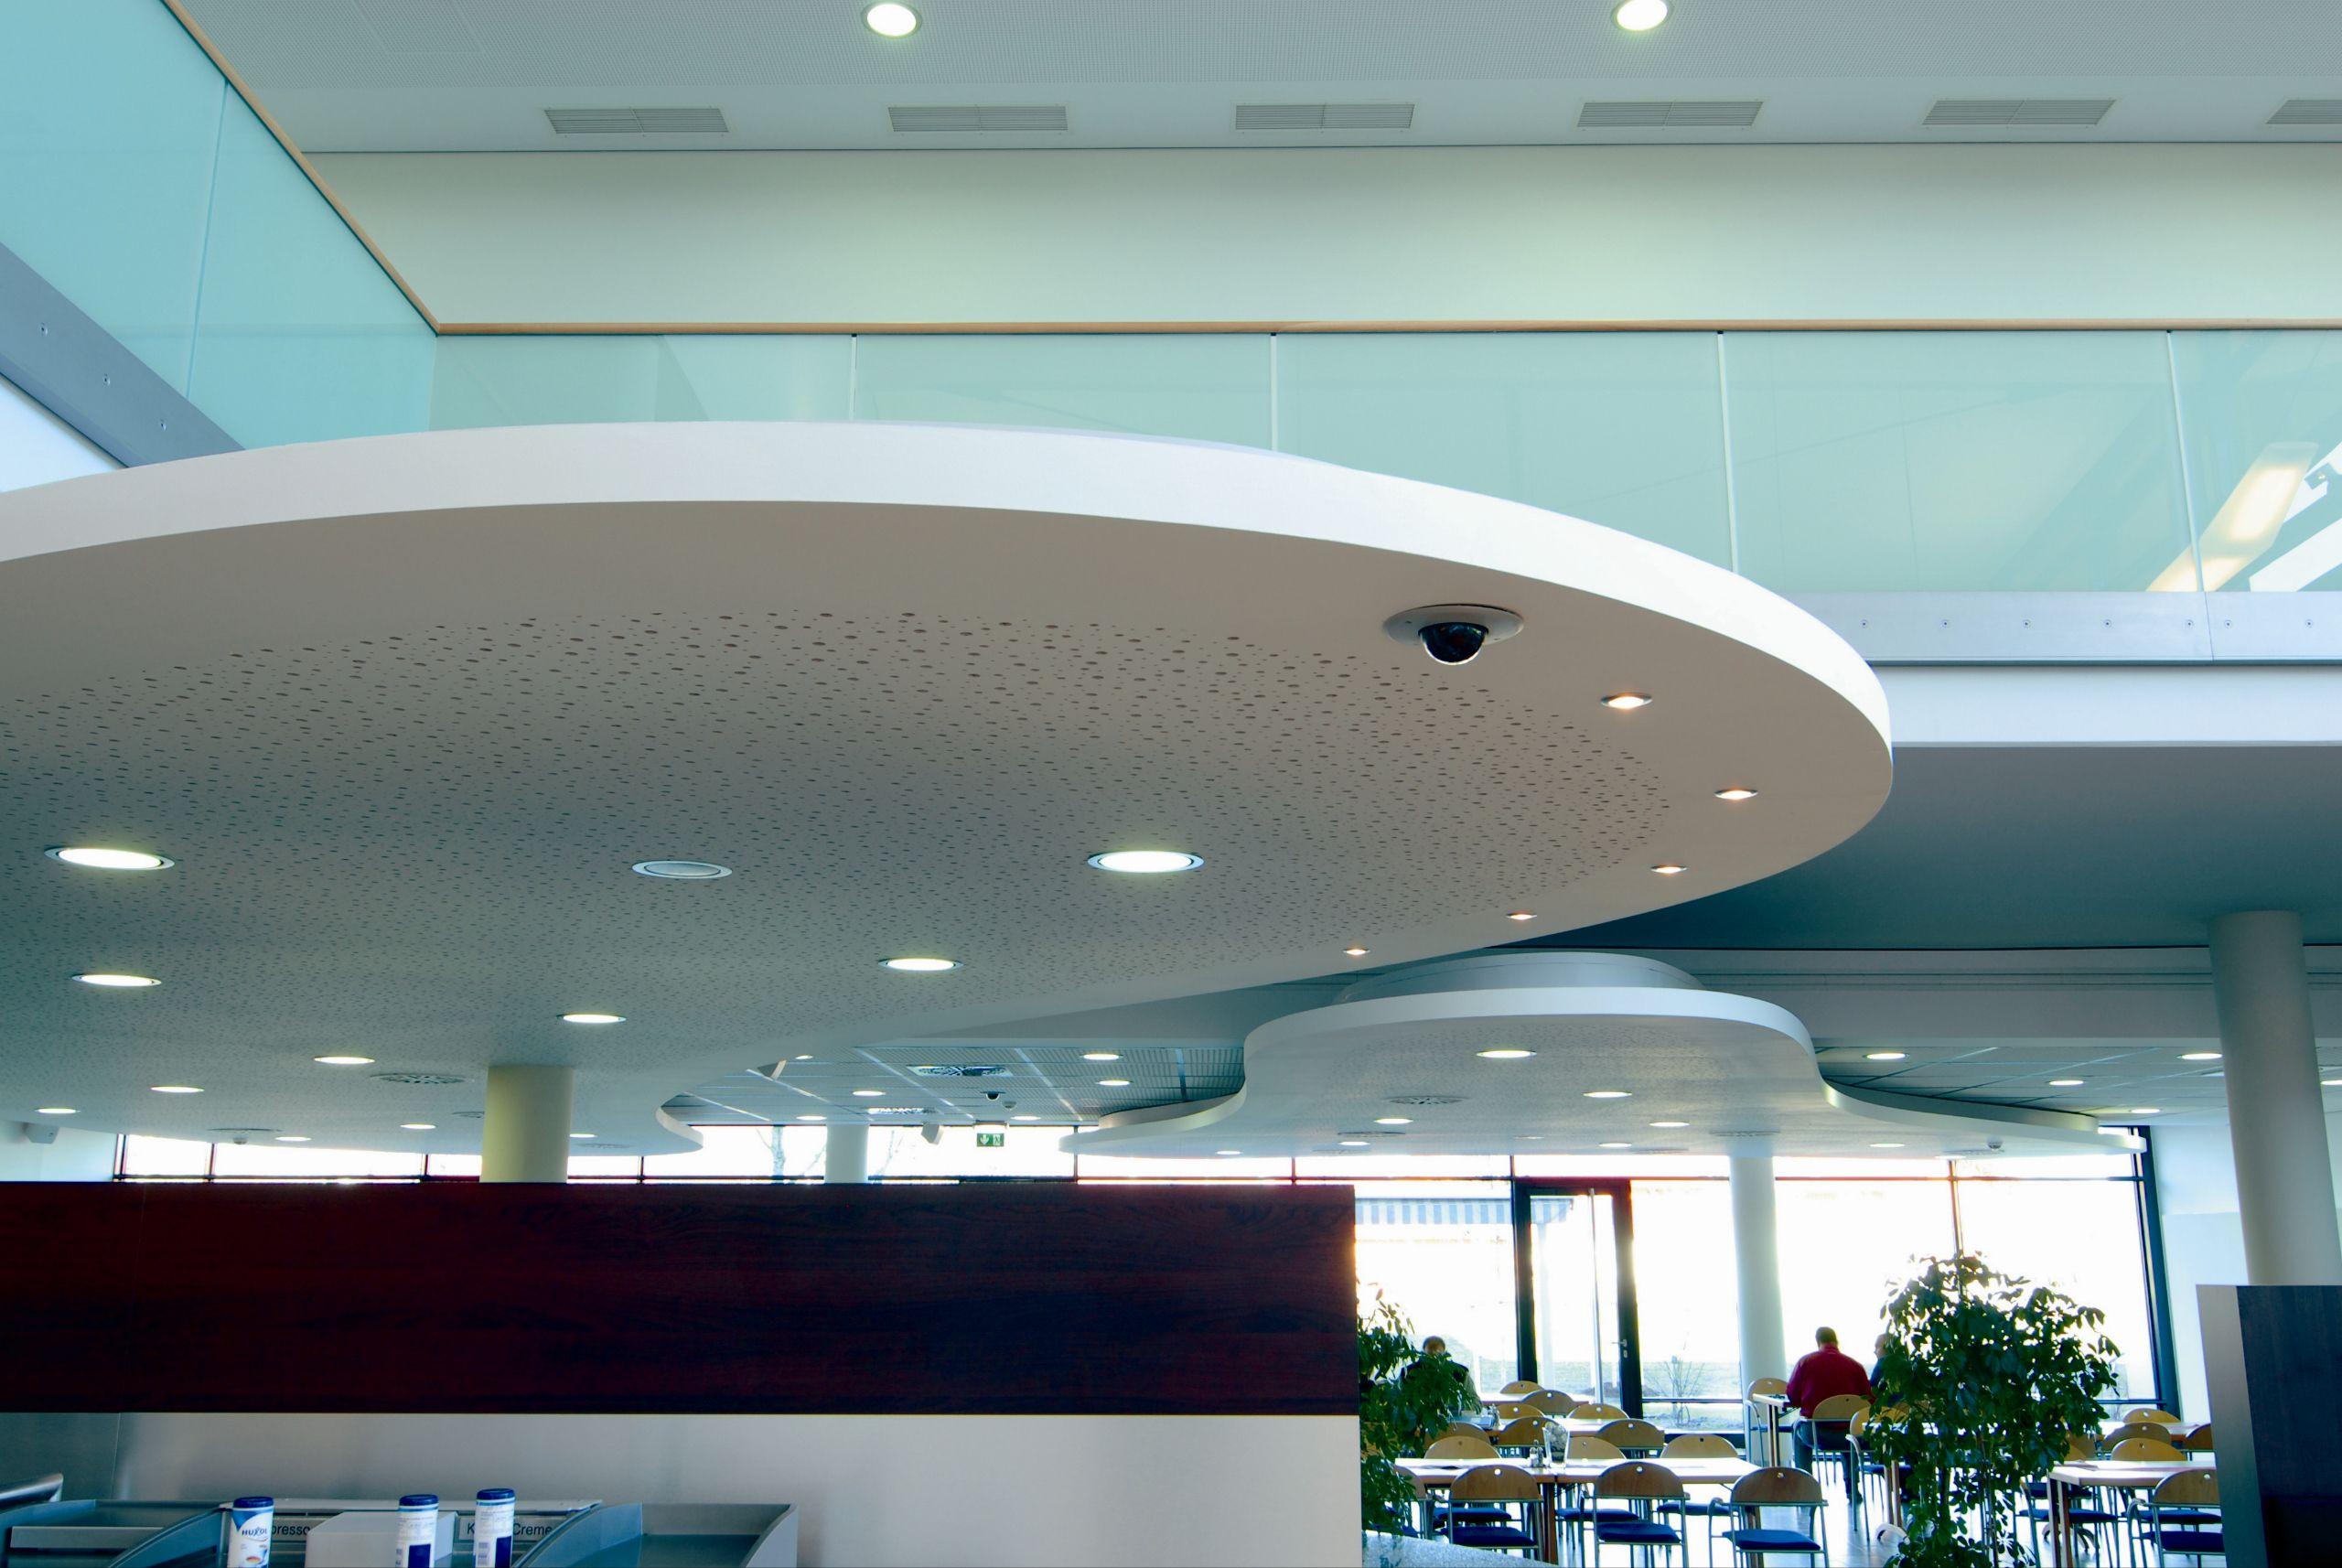 Faux plafond acoustique en placo lastra db 8 16f by fibran for Faux plafond placo decoratif